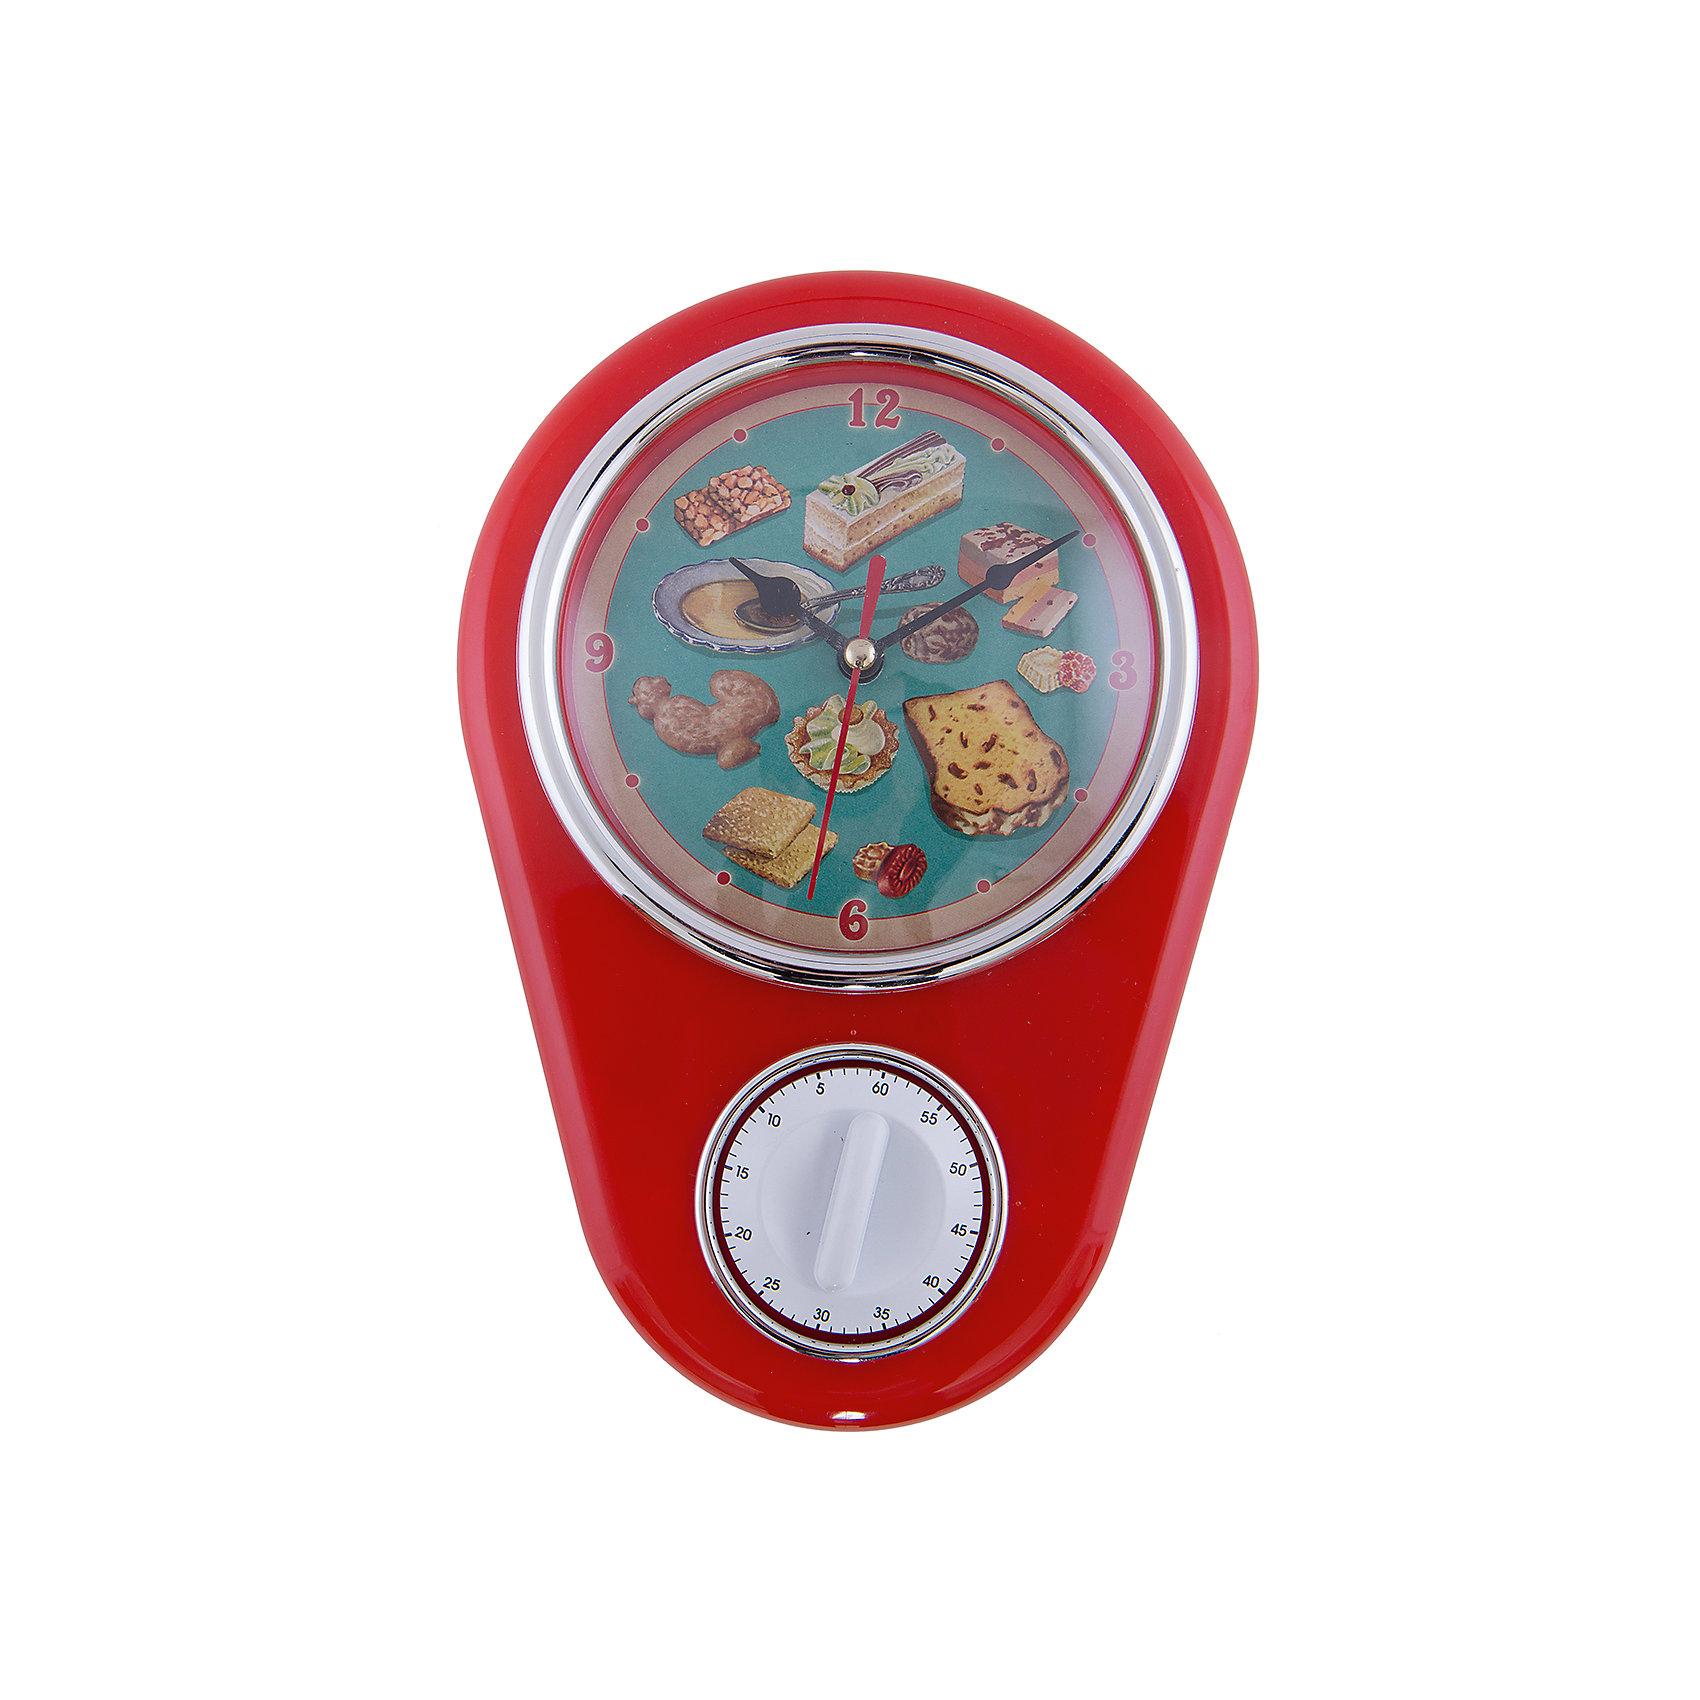 Феникс-Презент Кухонные настенные часы Ретро-вкусности с таймером